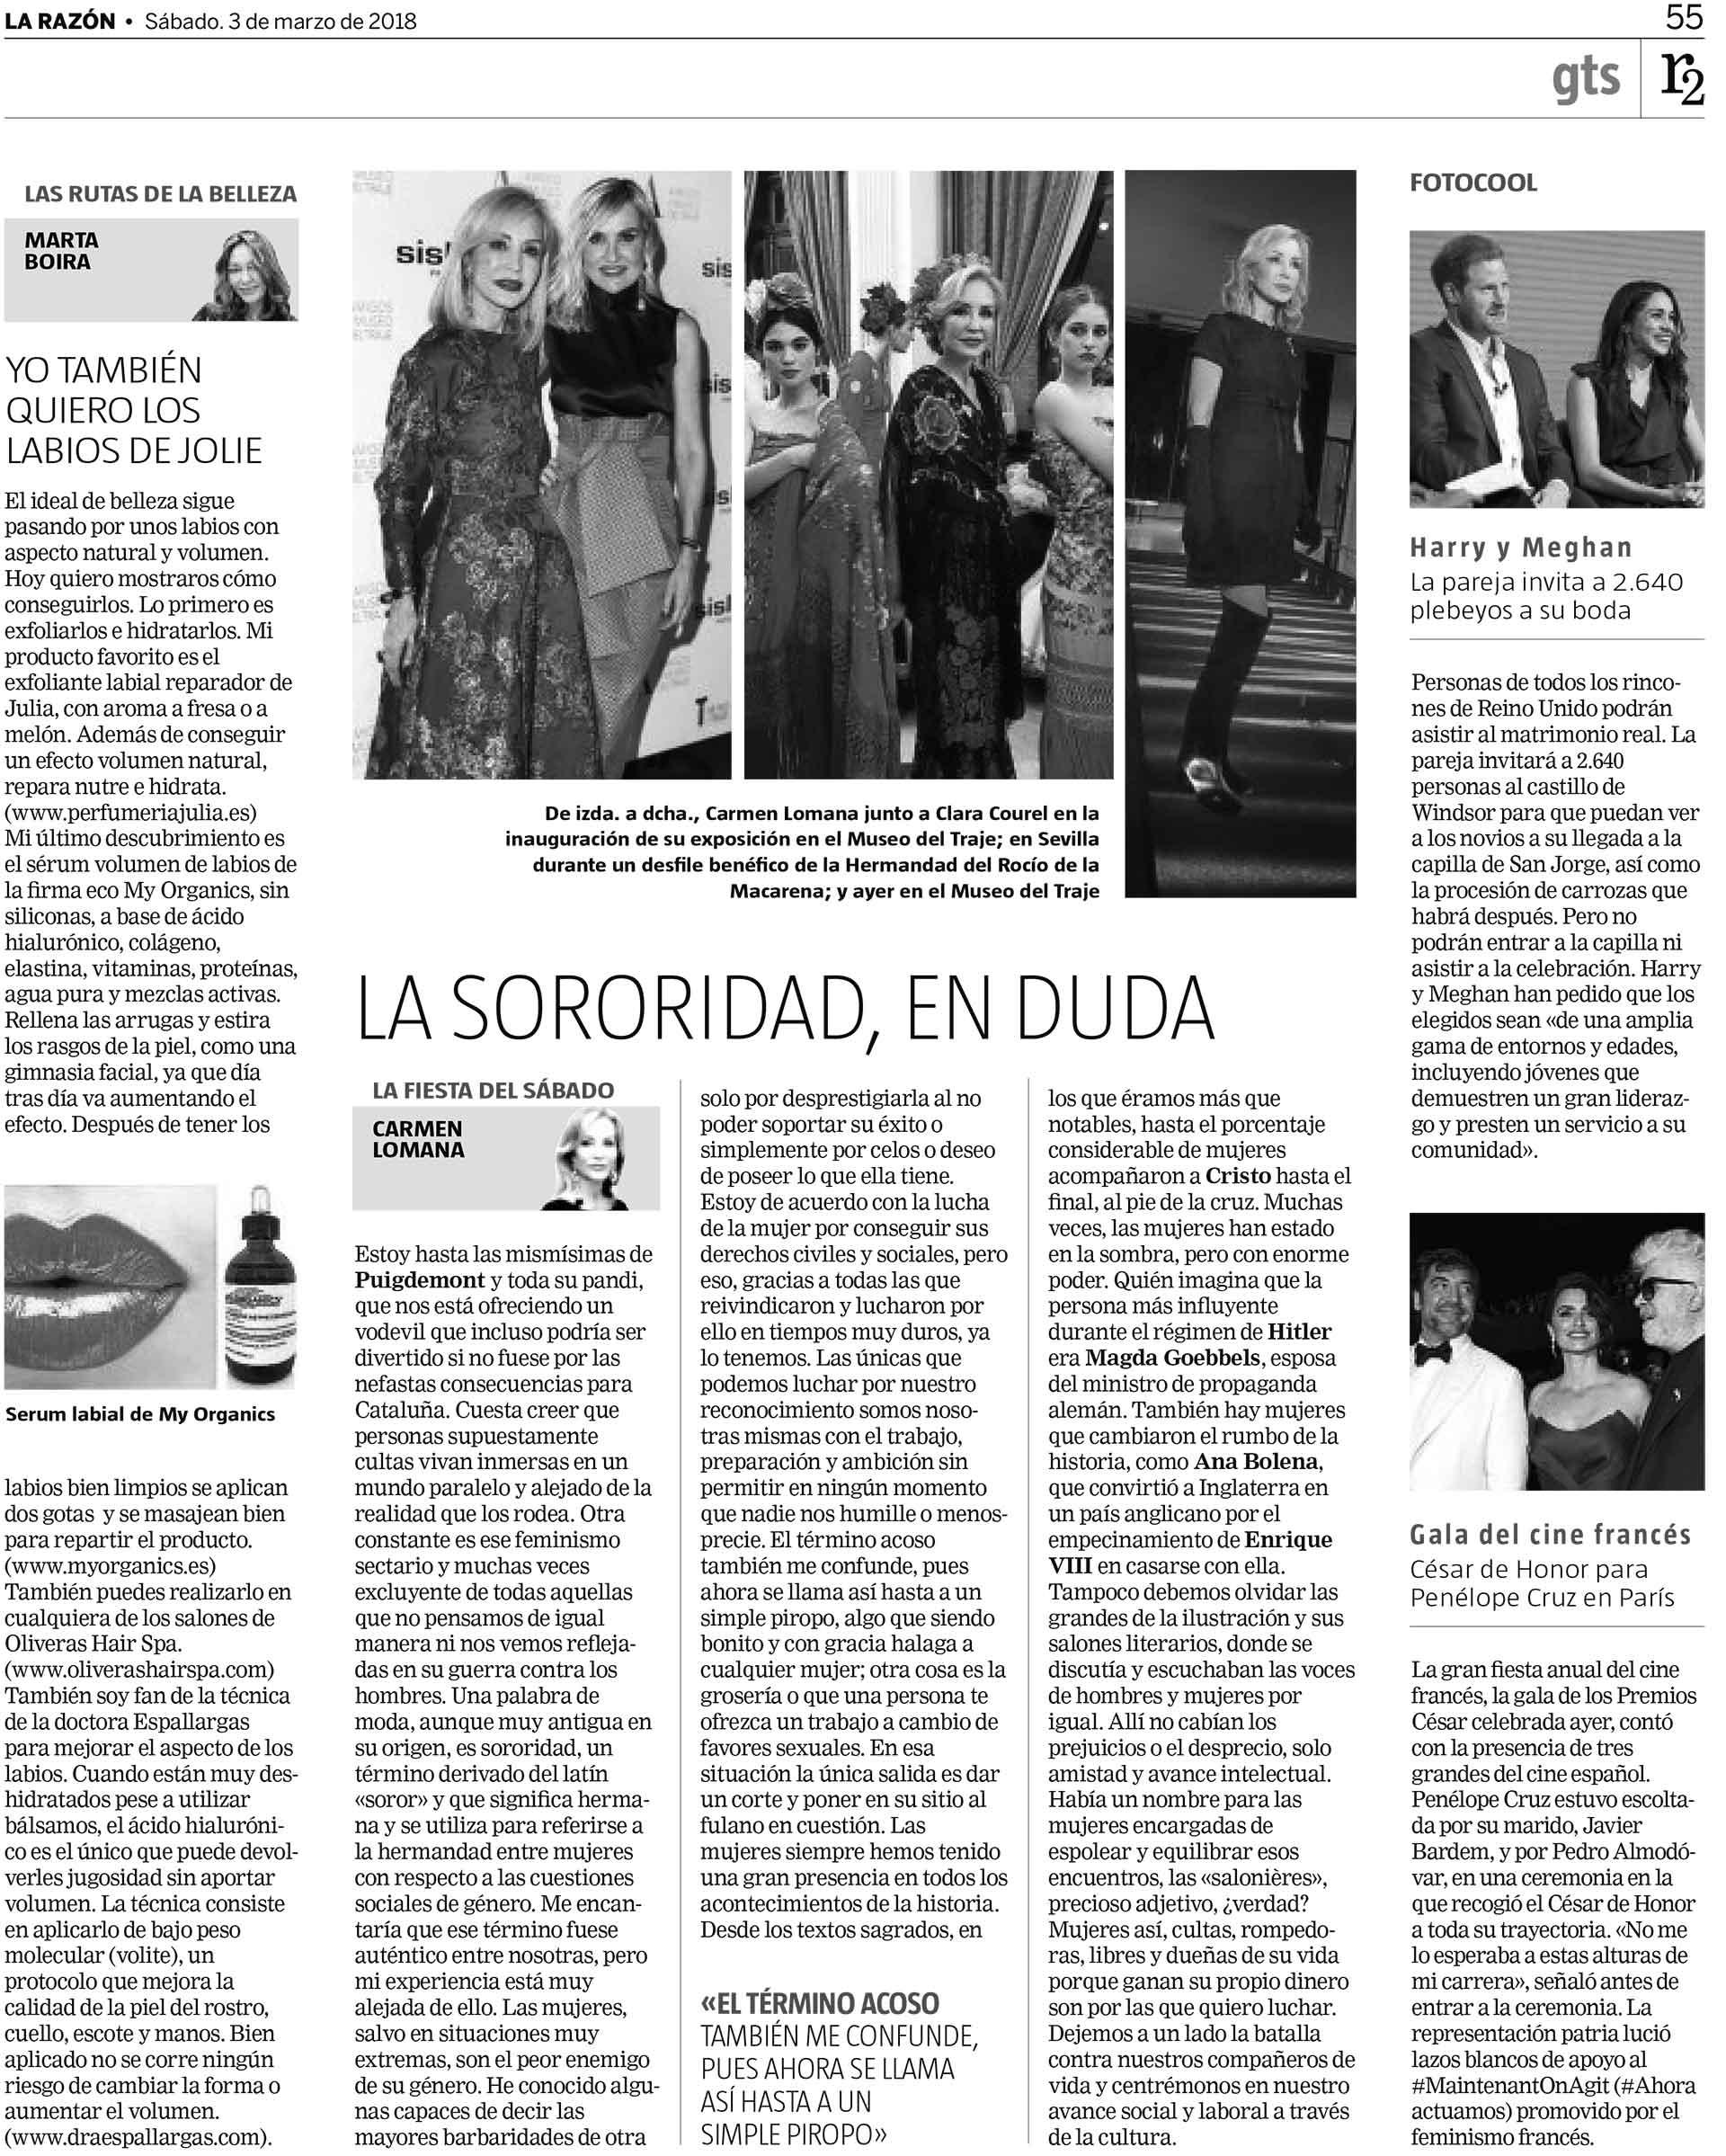 LA RAZÓN, 3 DE MARZO  MARTA BOIRA